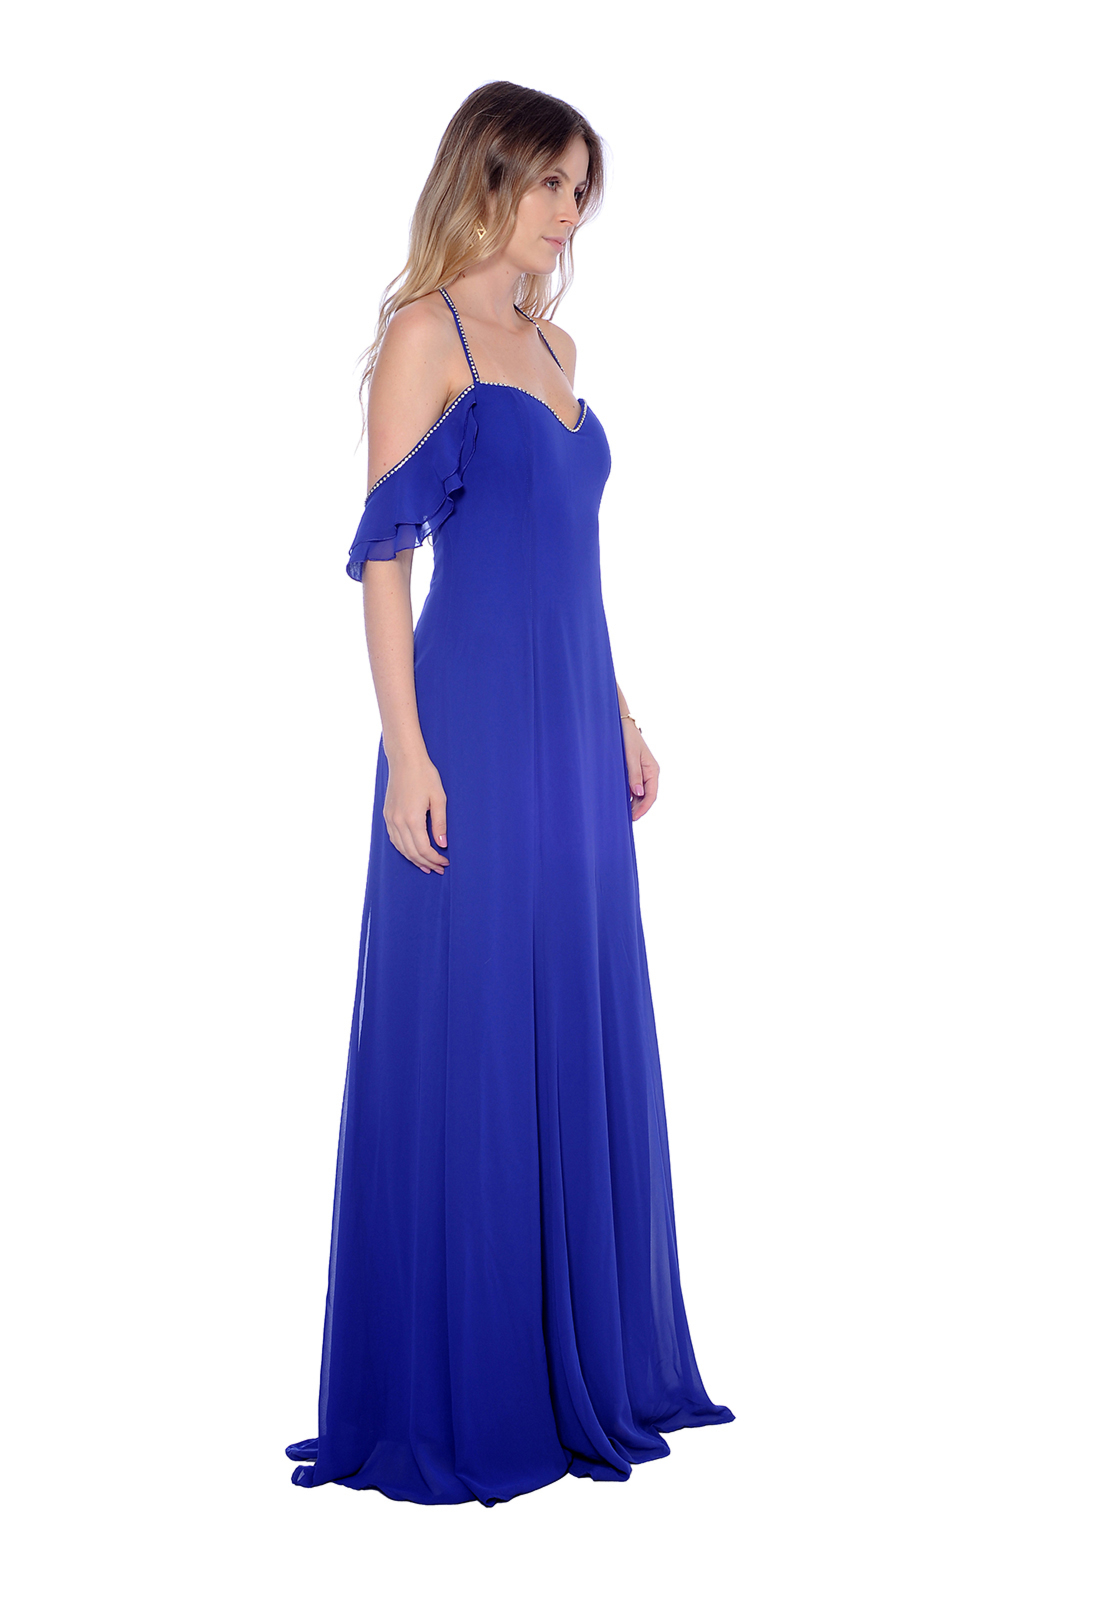 Vestido Gowara Festa Azul Royal Gowara